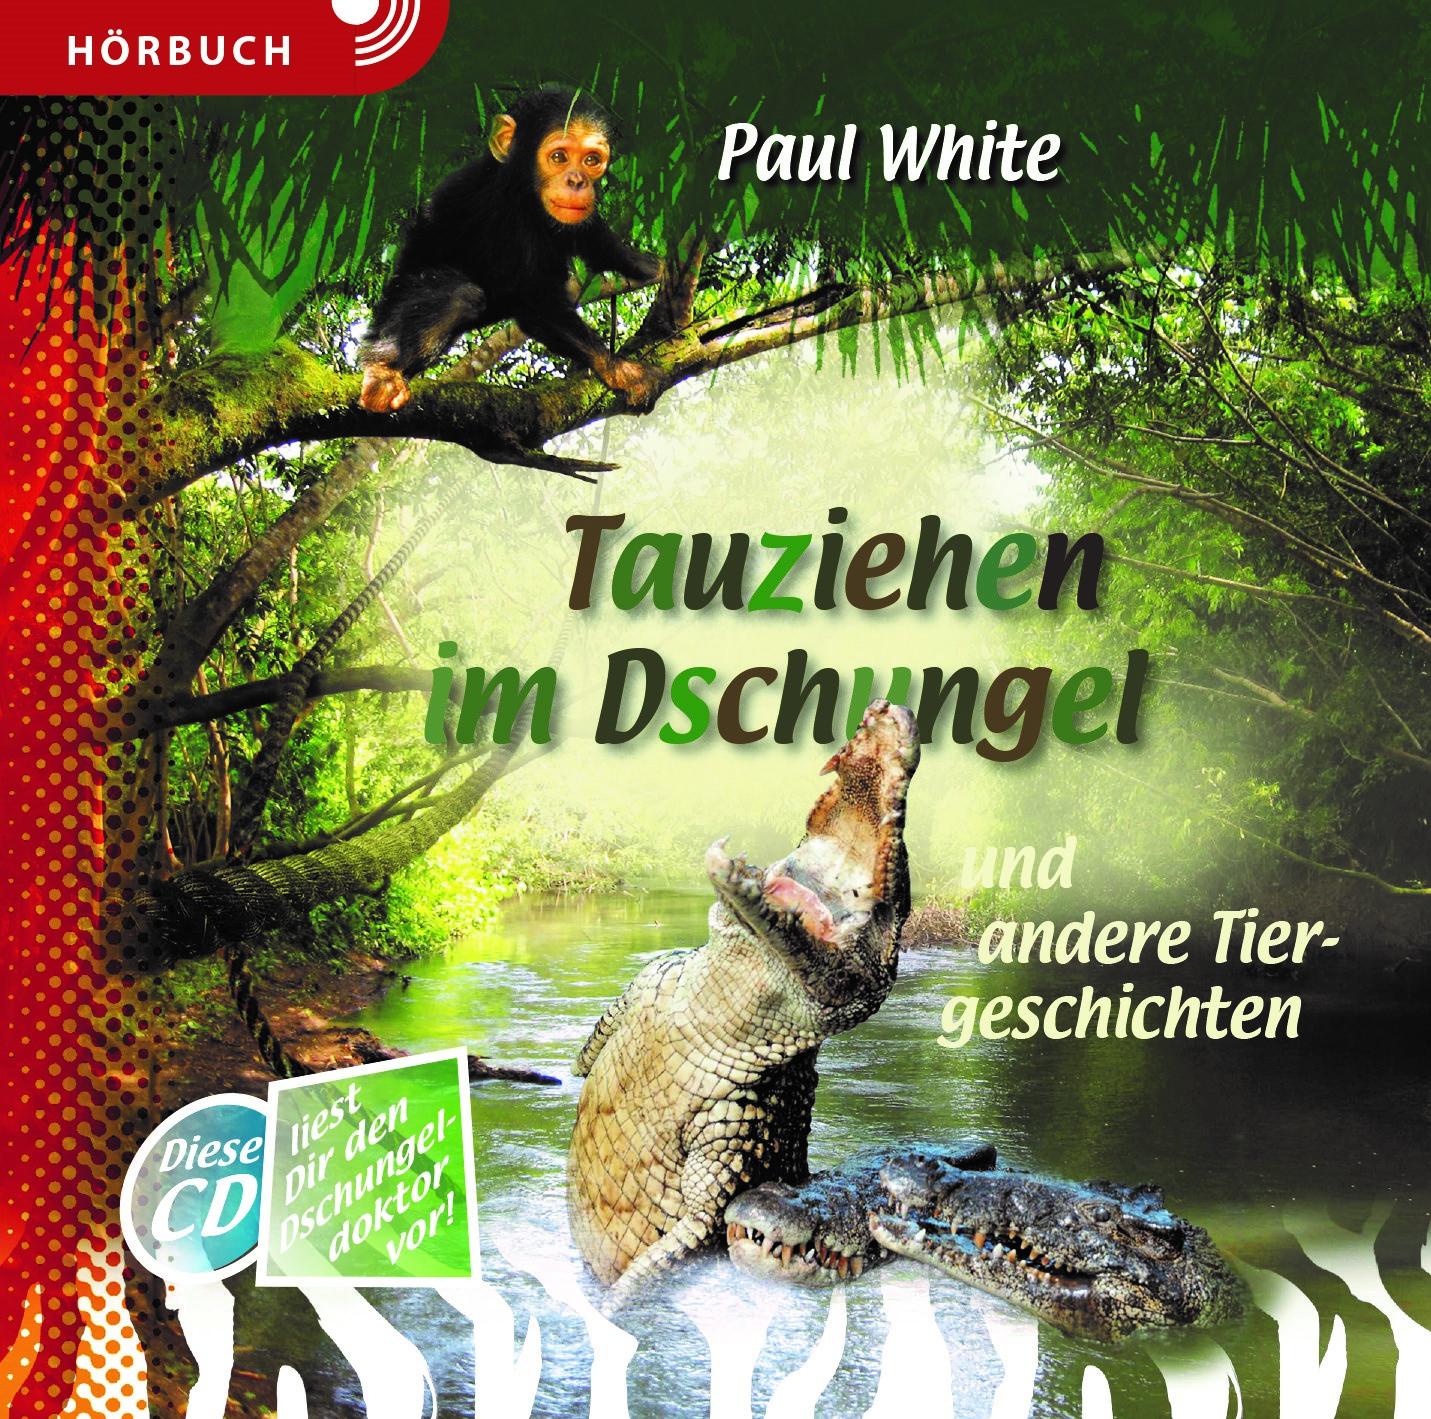 DOWNLOAD: Tauziehen im Dschungel (Hörbuch [MP3])